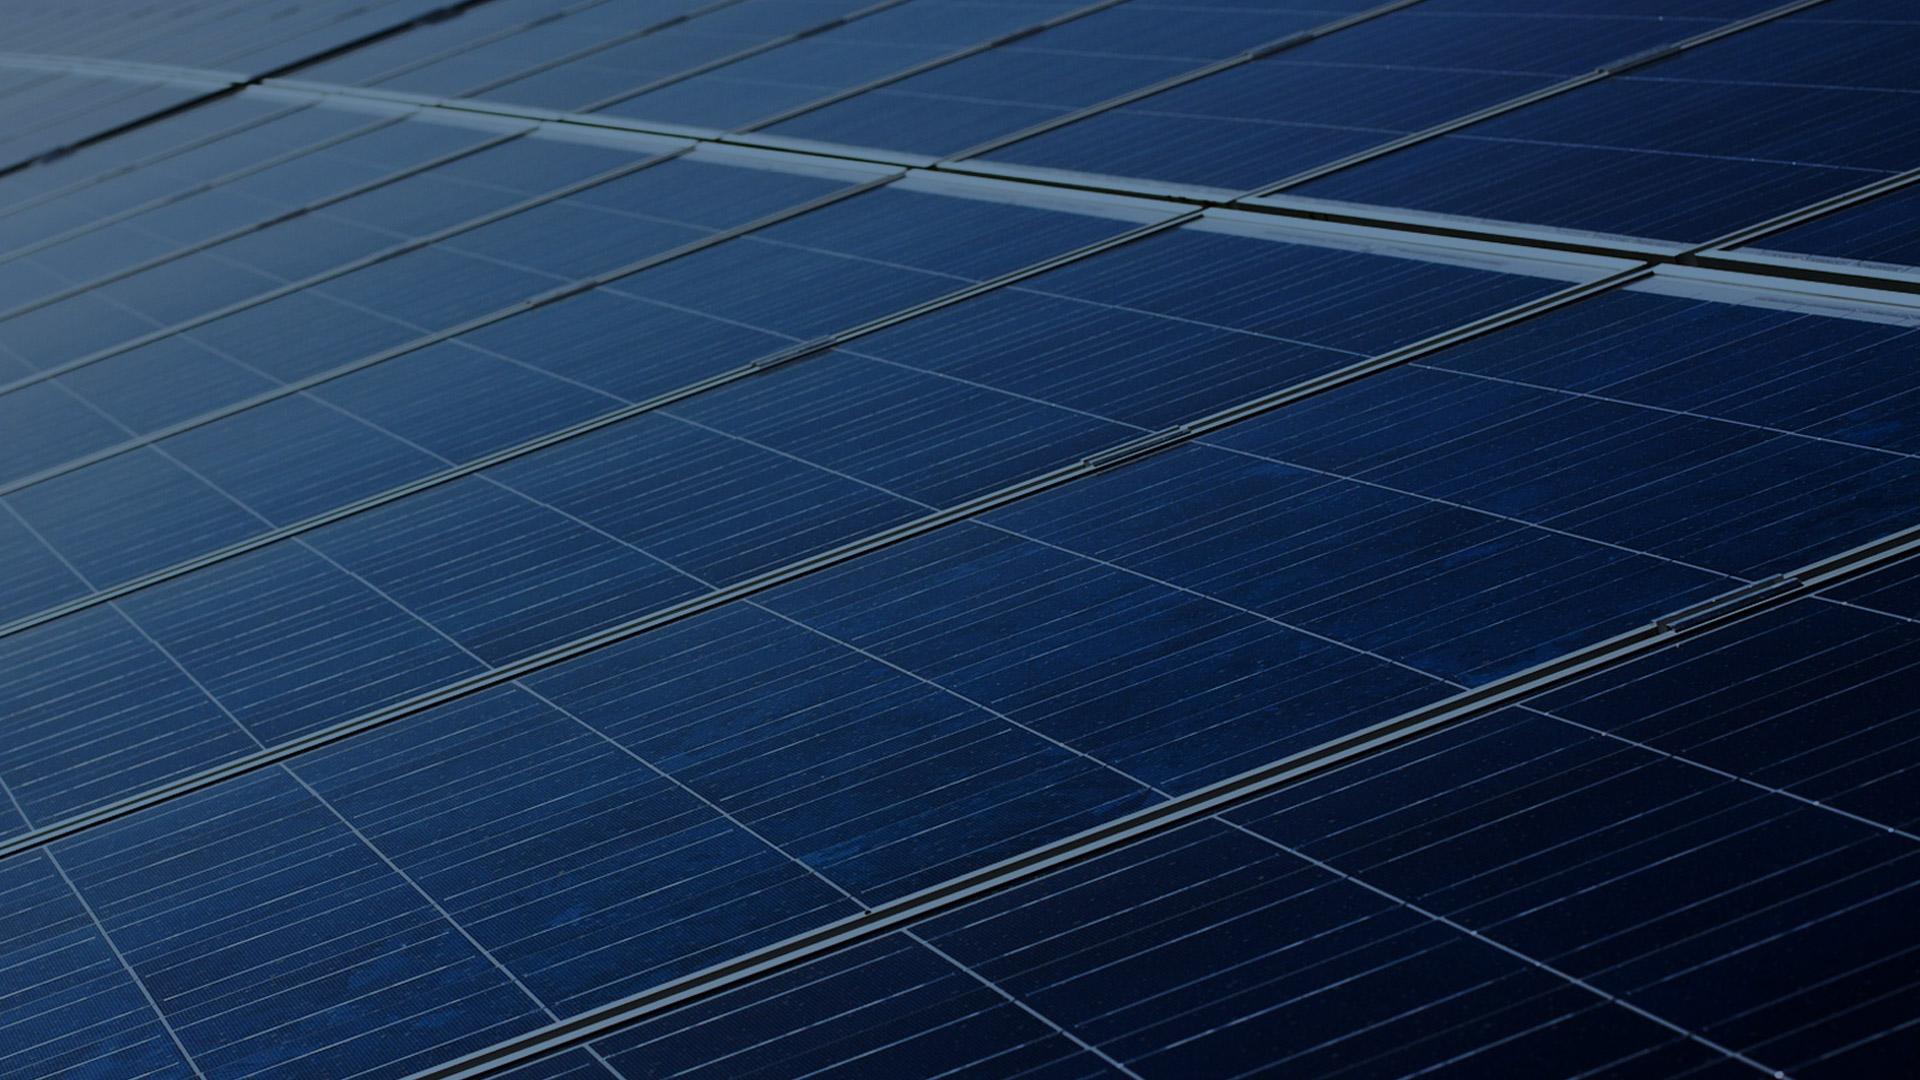 Neuigkeiten über Solarenergie - Solar-Dachziegel.net